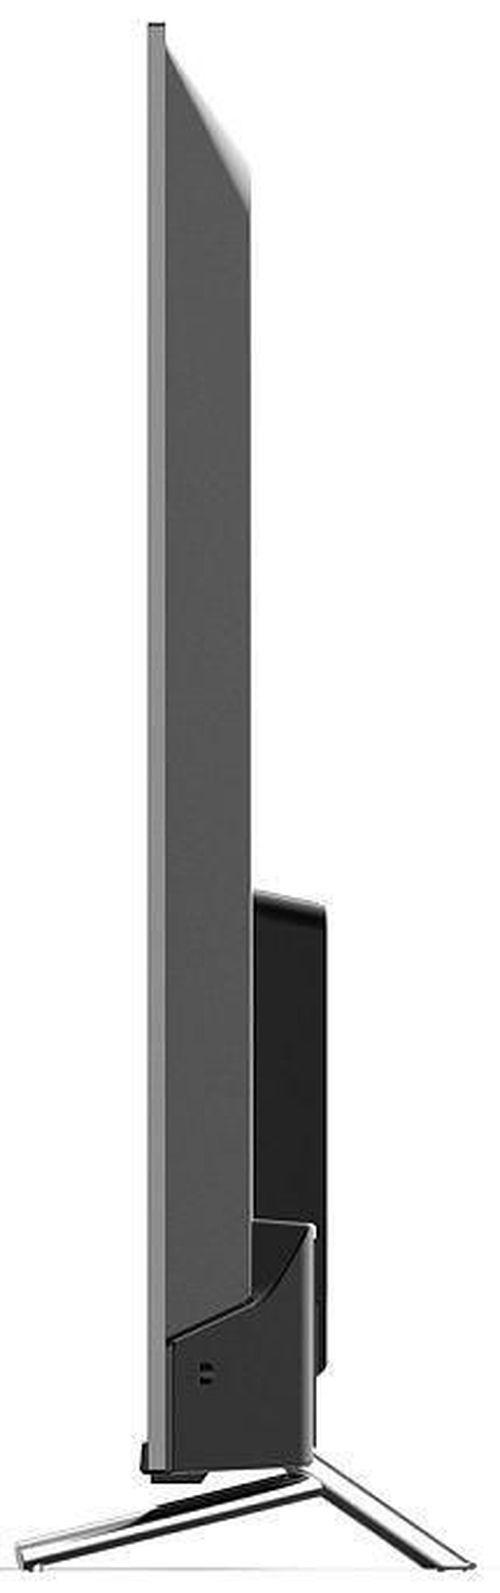 cumpără Televizoare Panasonic TX-55GXR600 în Chișinău